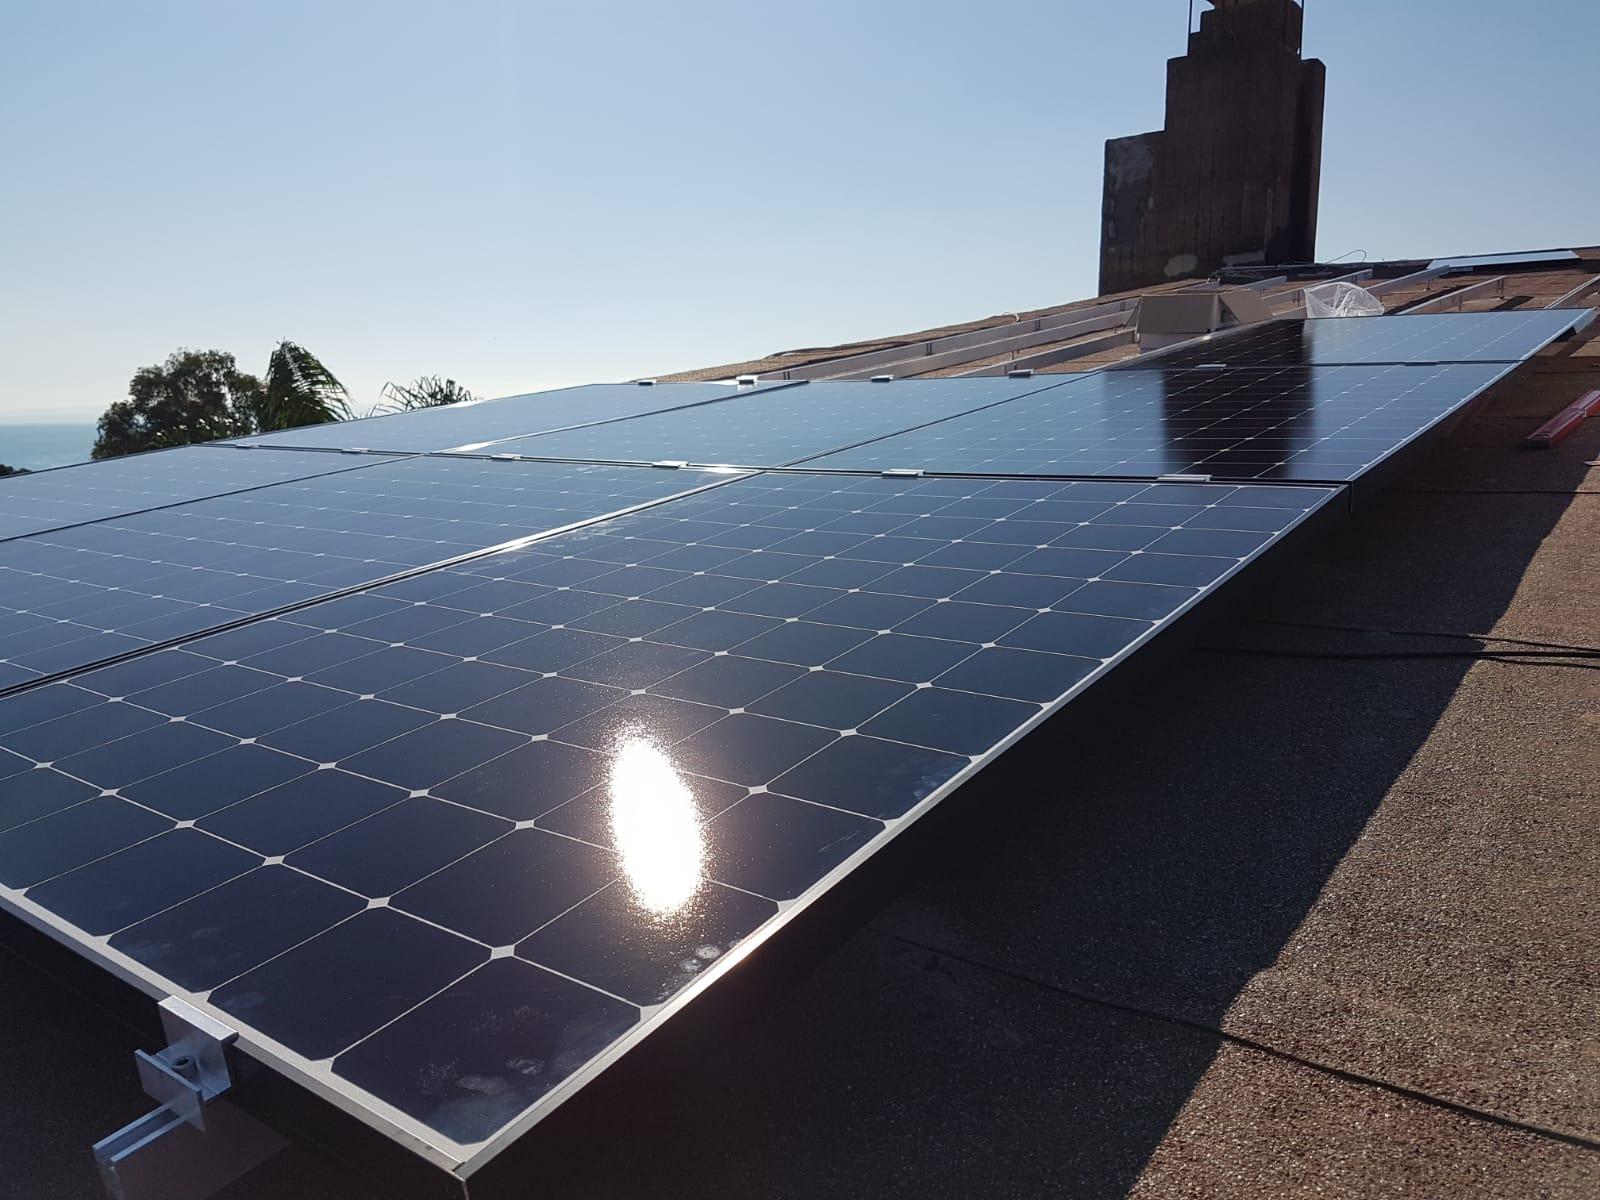 Energia Solare In Sicilia impianti fotovoltaici in sicilia | tess rinnova l'energia